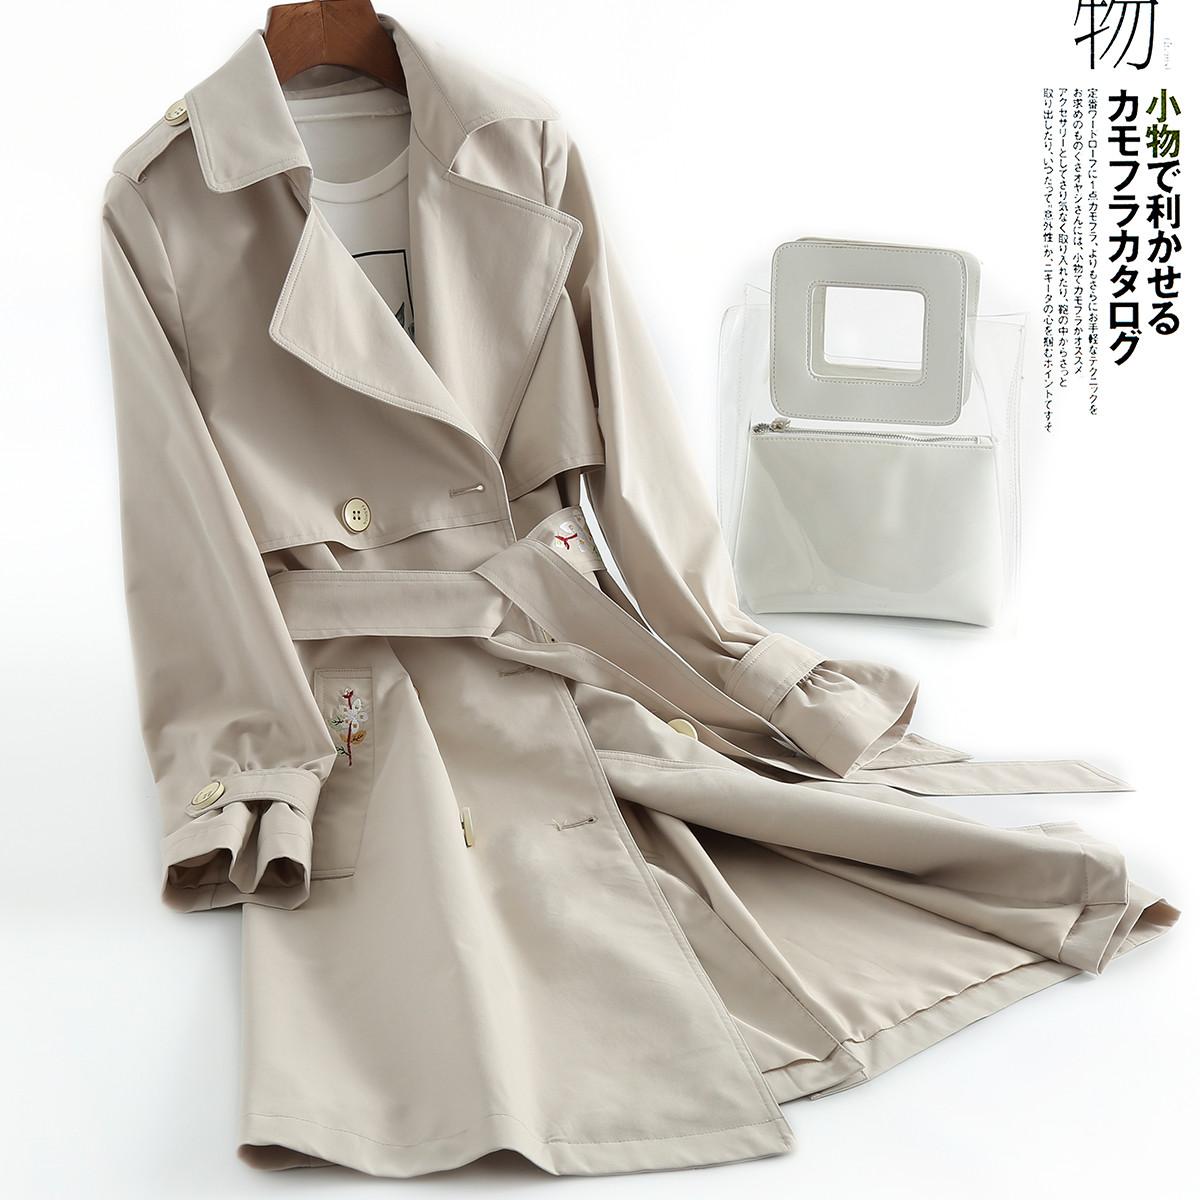 刺绣 风衣 春装 新款 修身 时尚 系带 外套